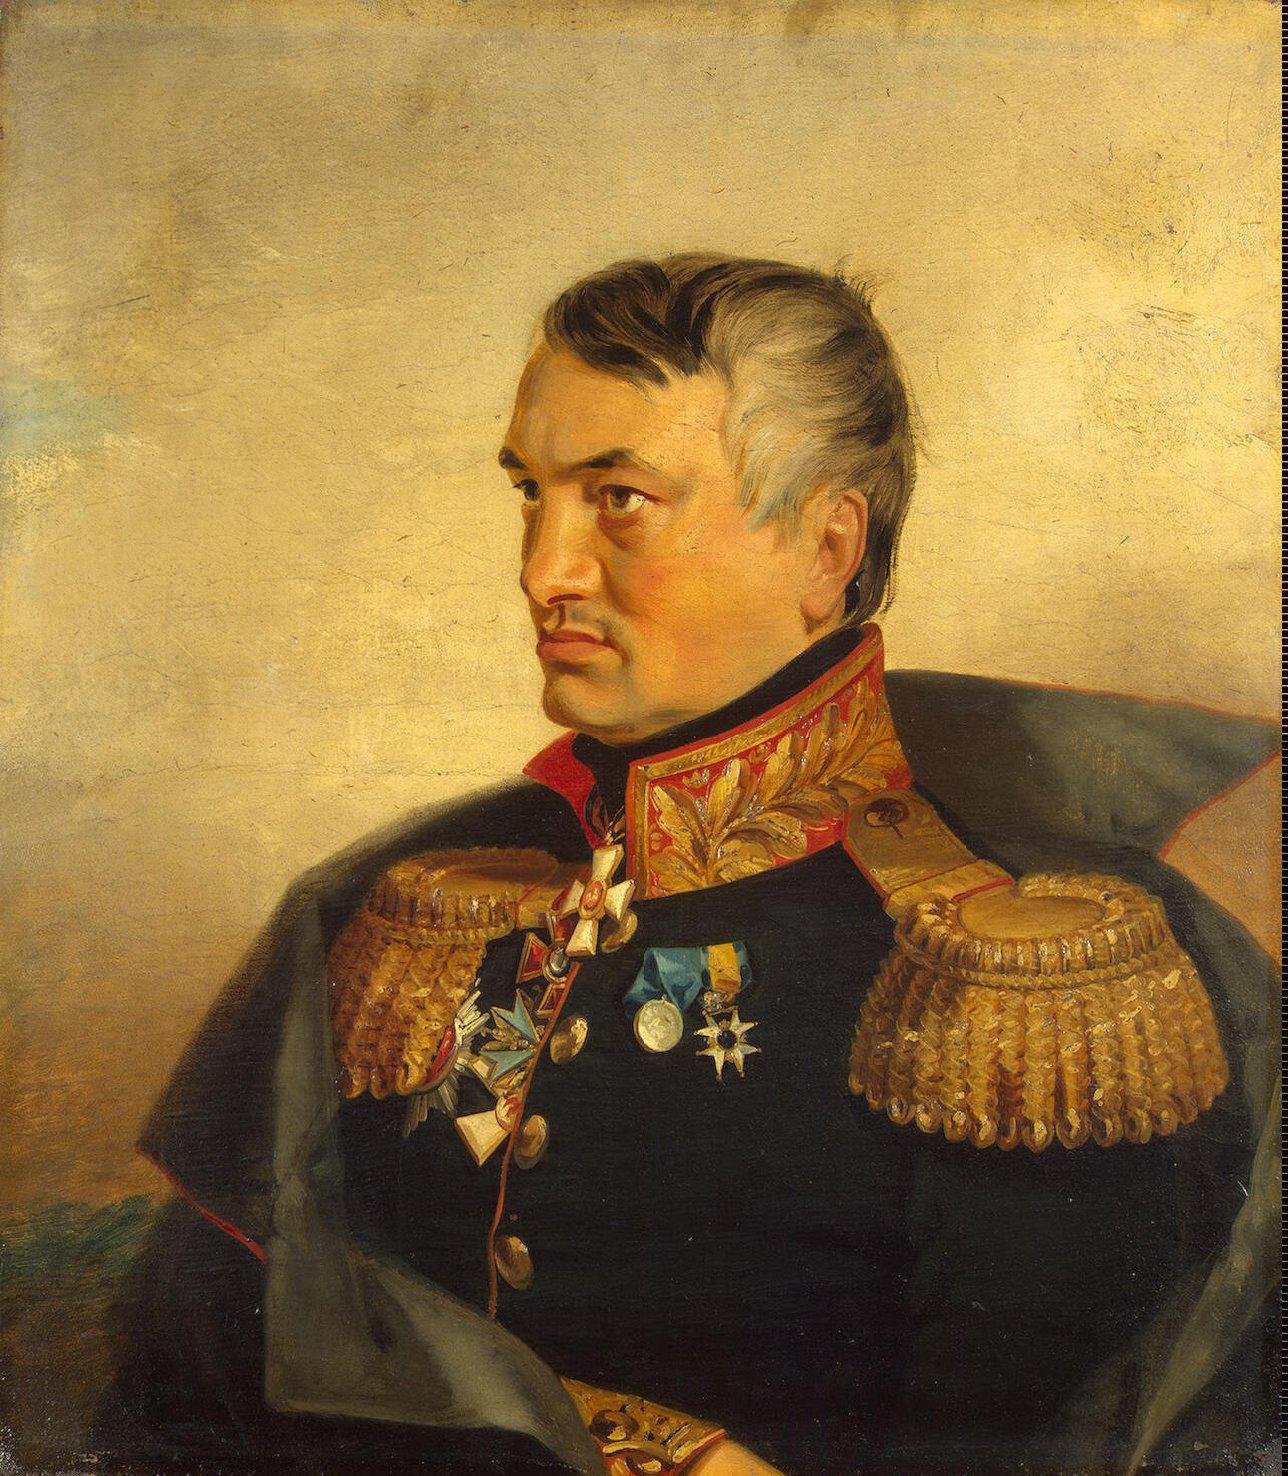 Васильчиков, Николай Васильевич